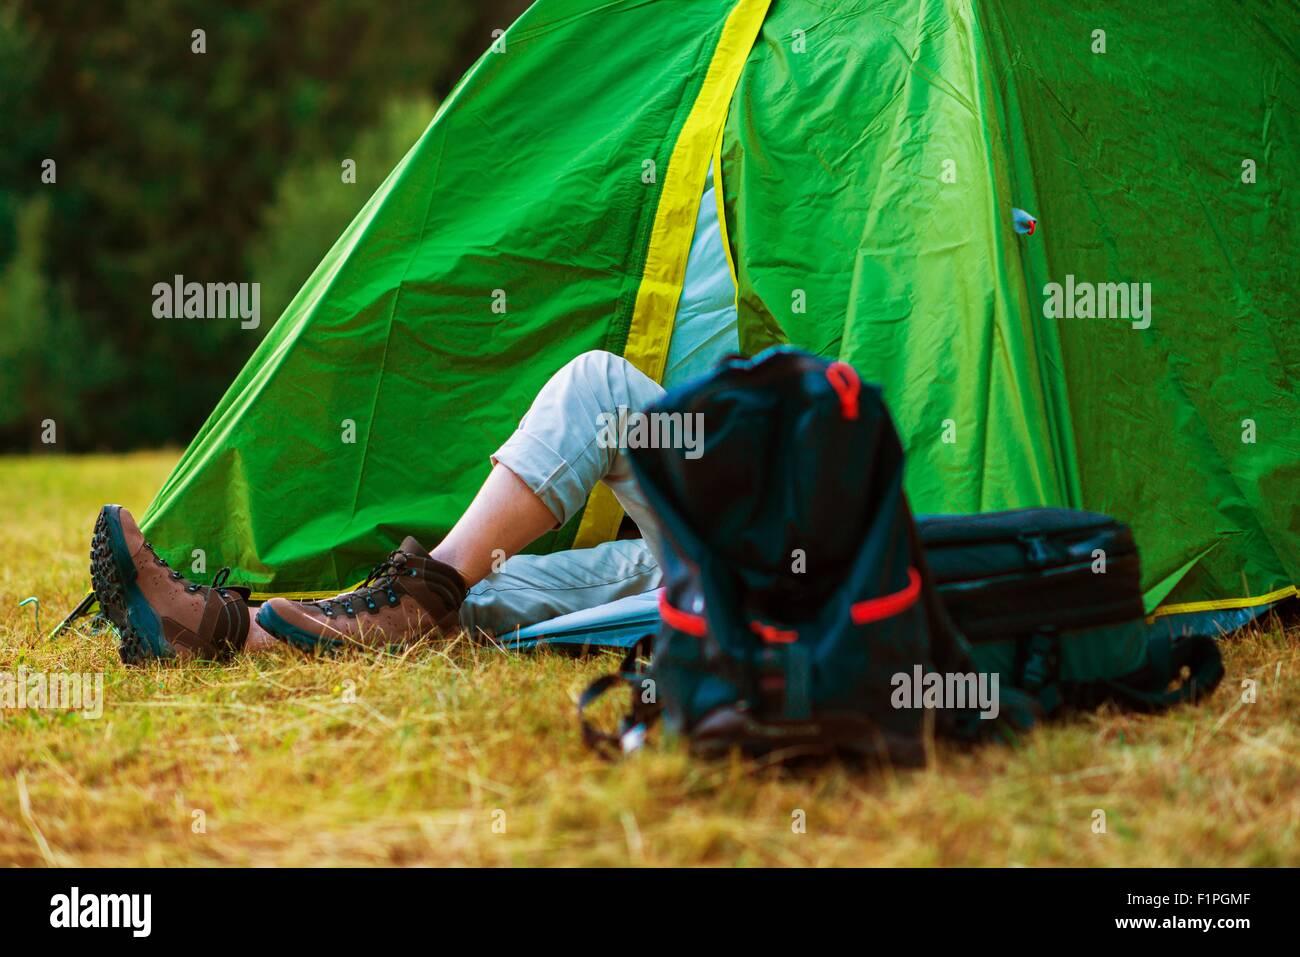 Ruhende Wanderer in seinem Zelt von mittlerer Größe. Wilden Campingplatz. Wandern und Zelten Thema. Stockbild